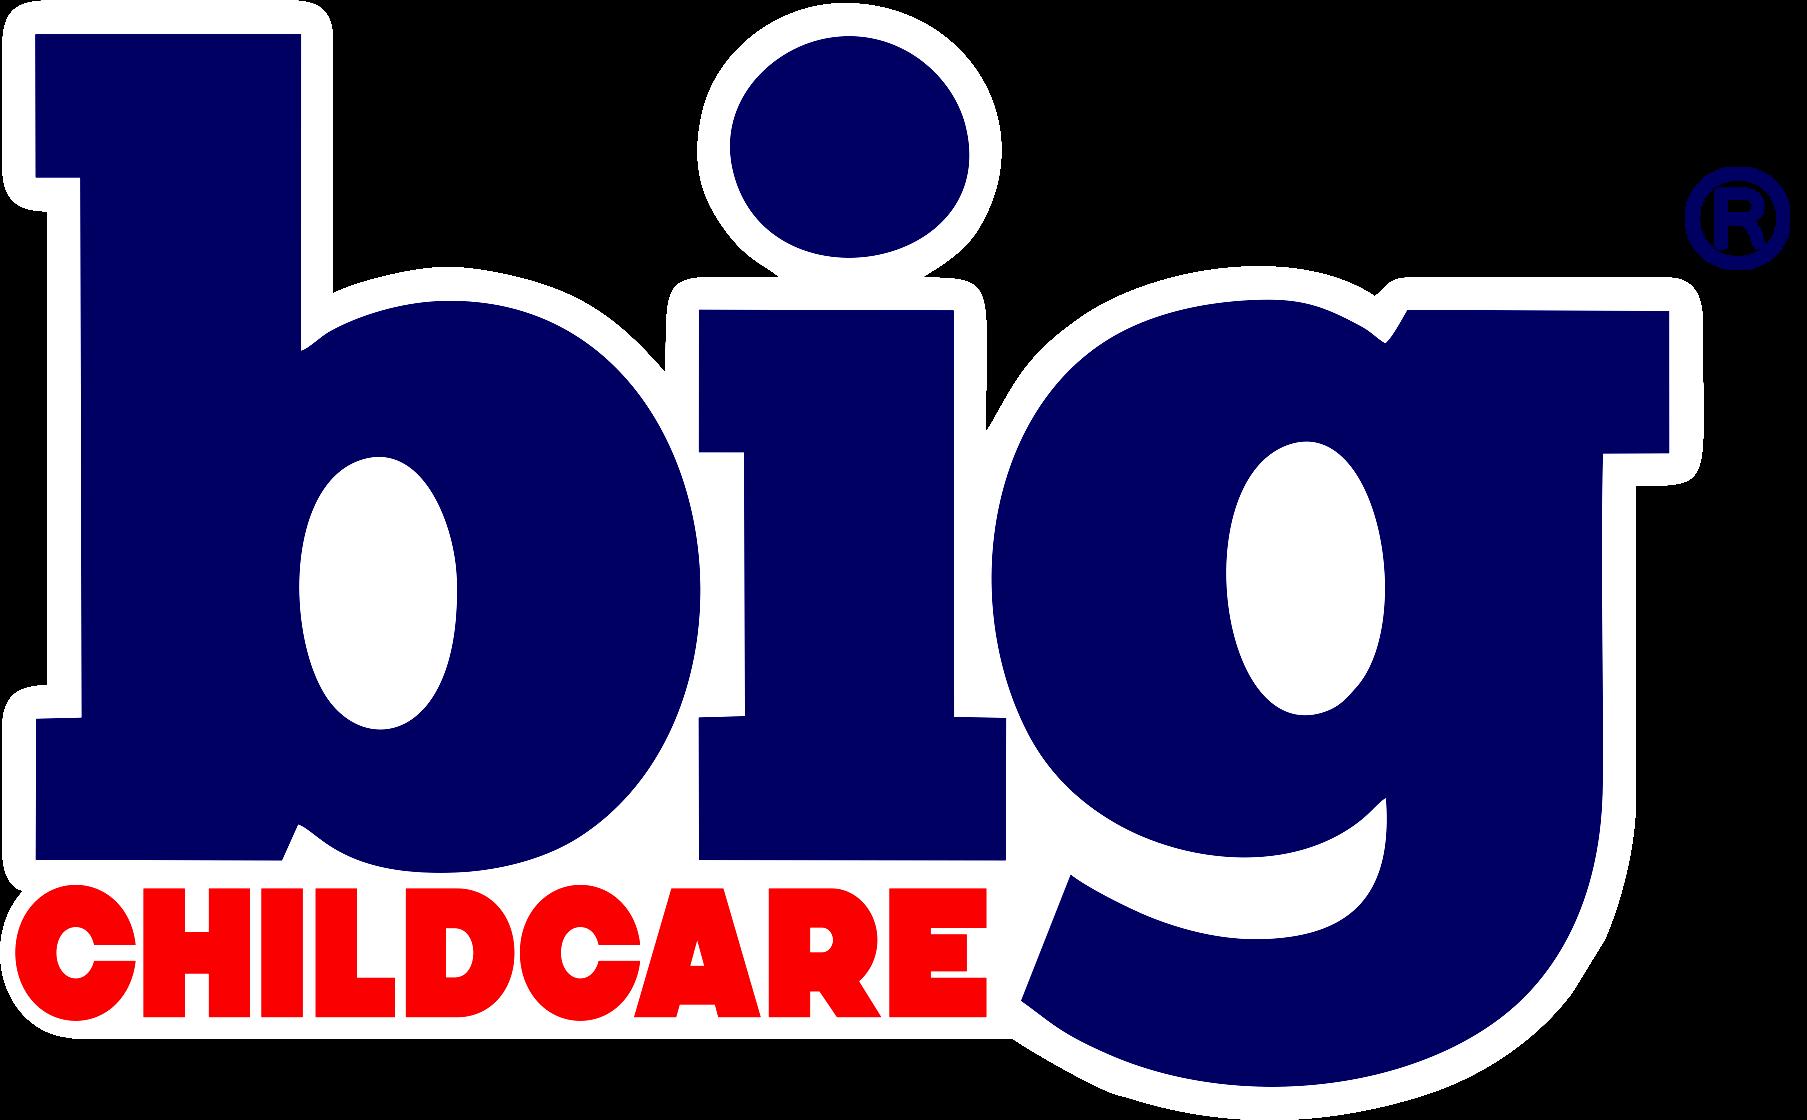 Big Childcare